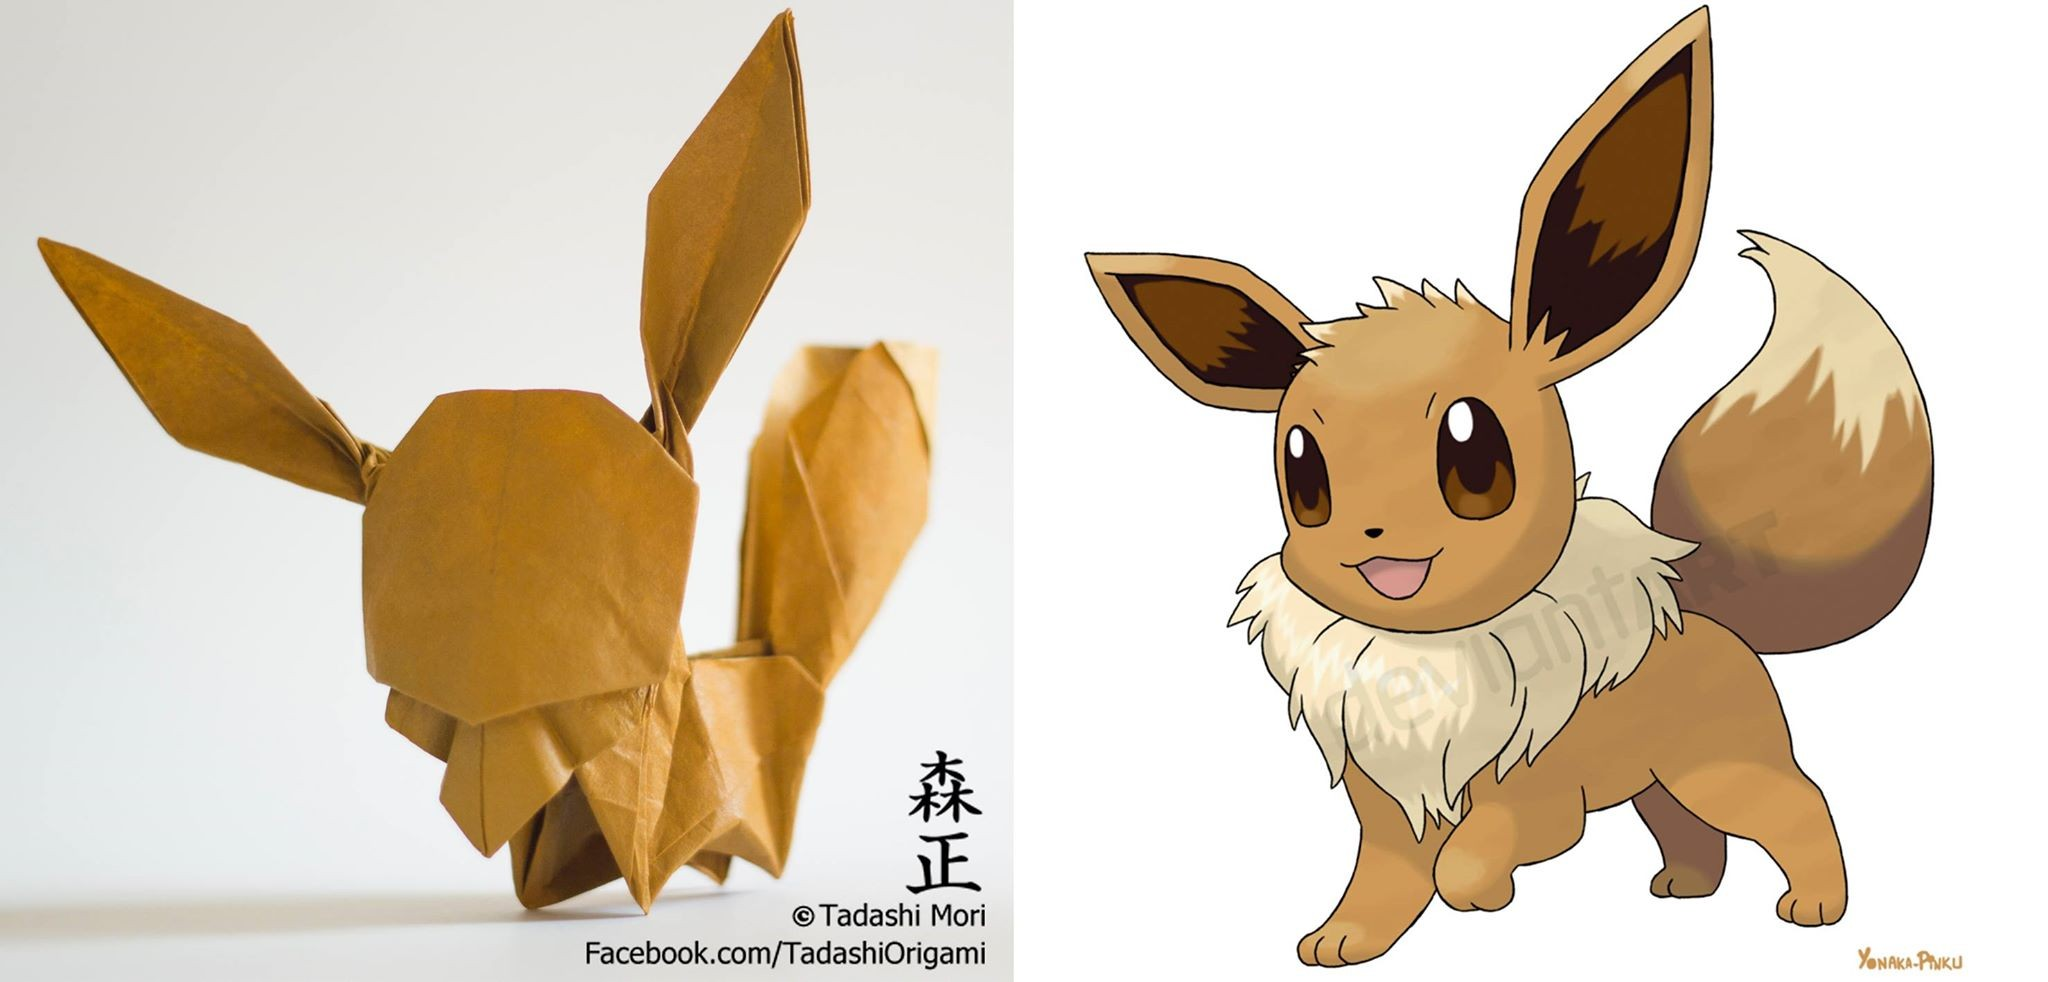 用彩纸做动物头像